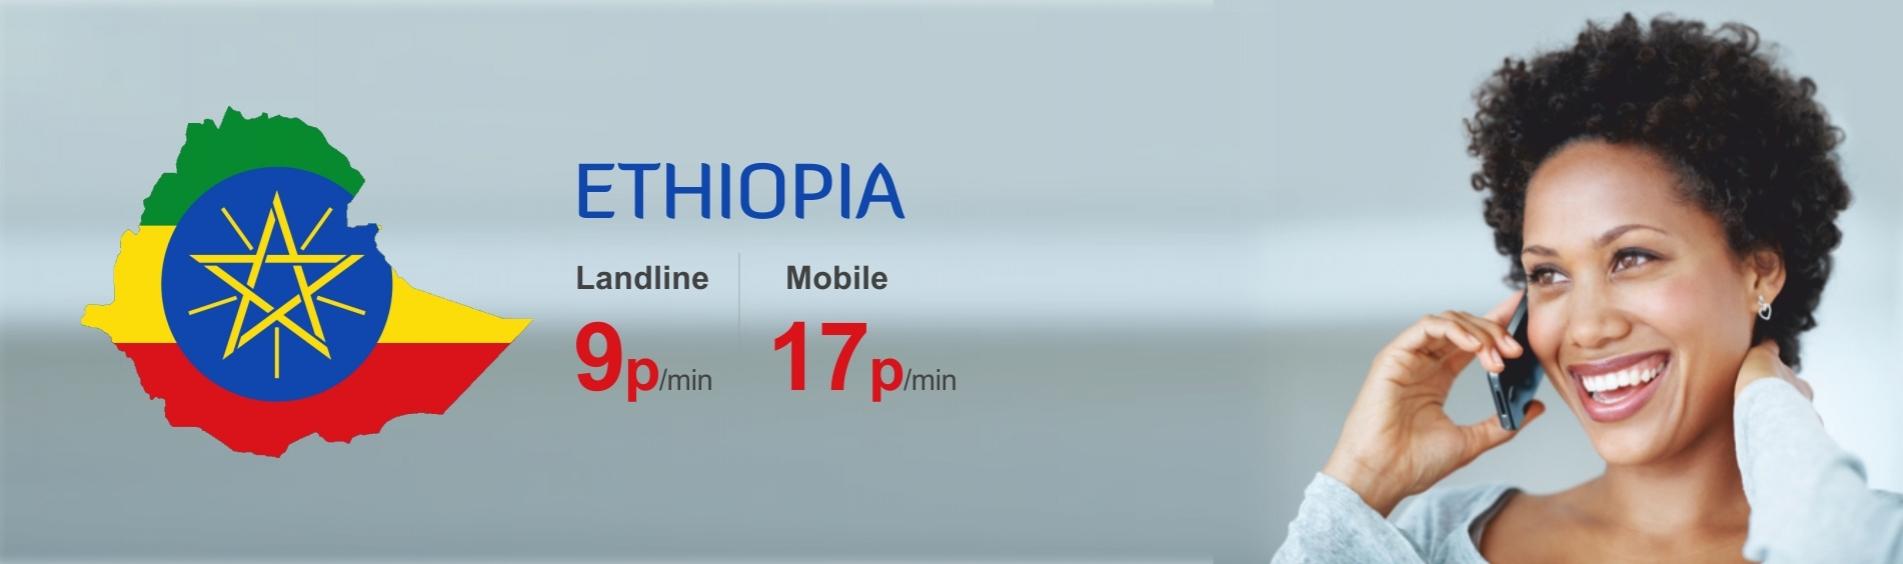 Ethiopia best call rates